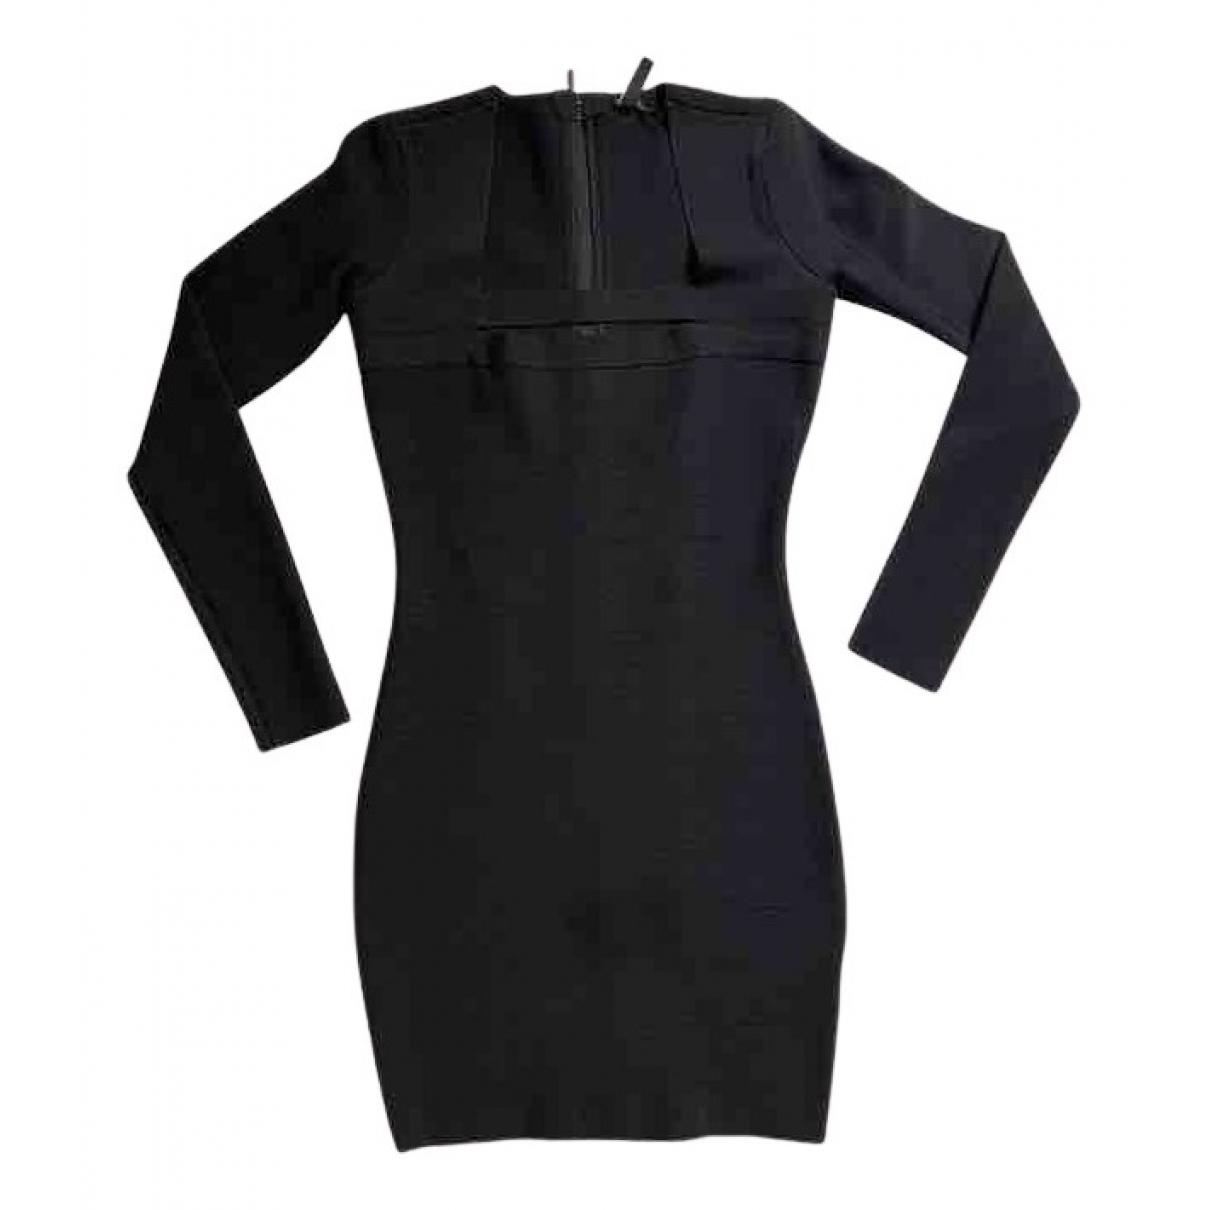 Guess \N Kleid in  Schwarz Viskose